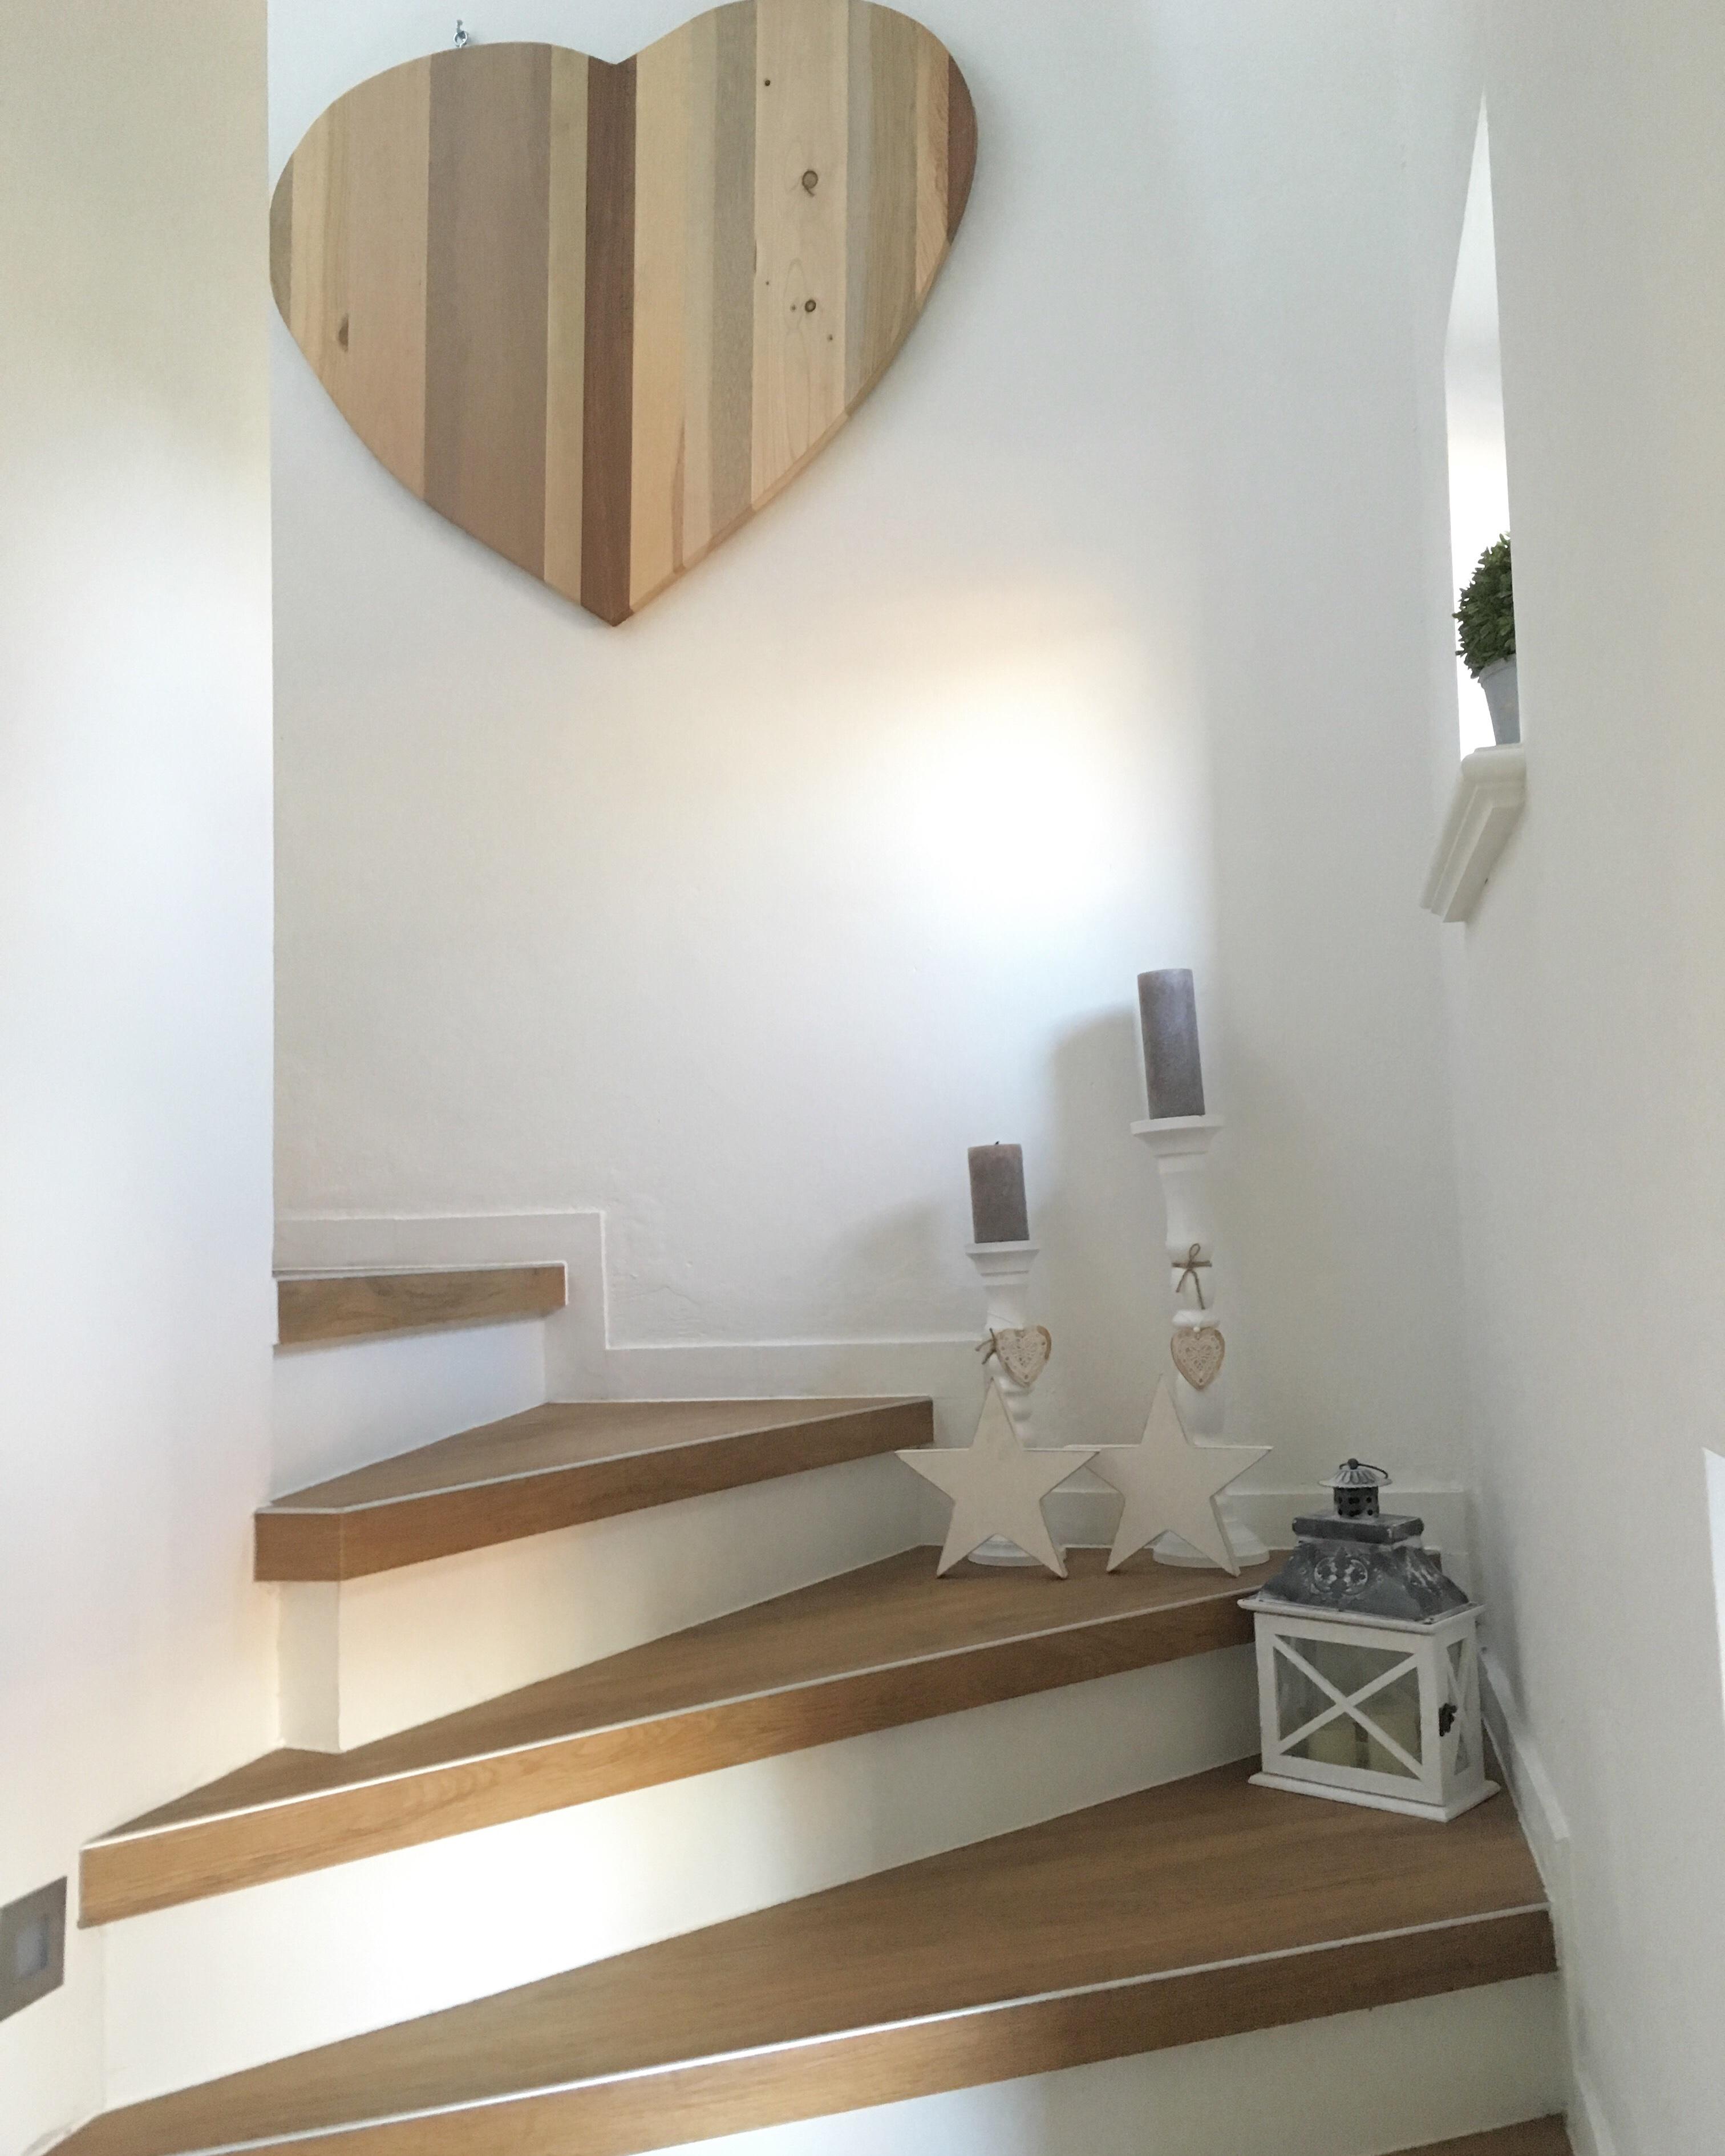 Häufig Treppenhaus makeover- Sanierung im 60 Jahre Flur. - Fräulein Emmama QL46